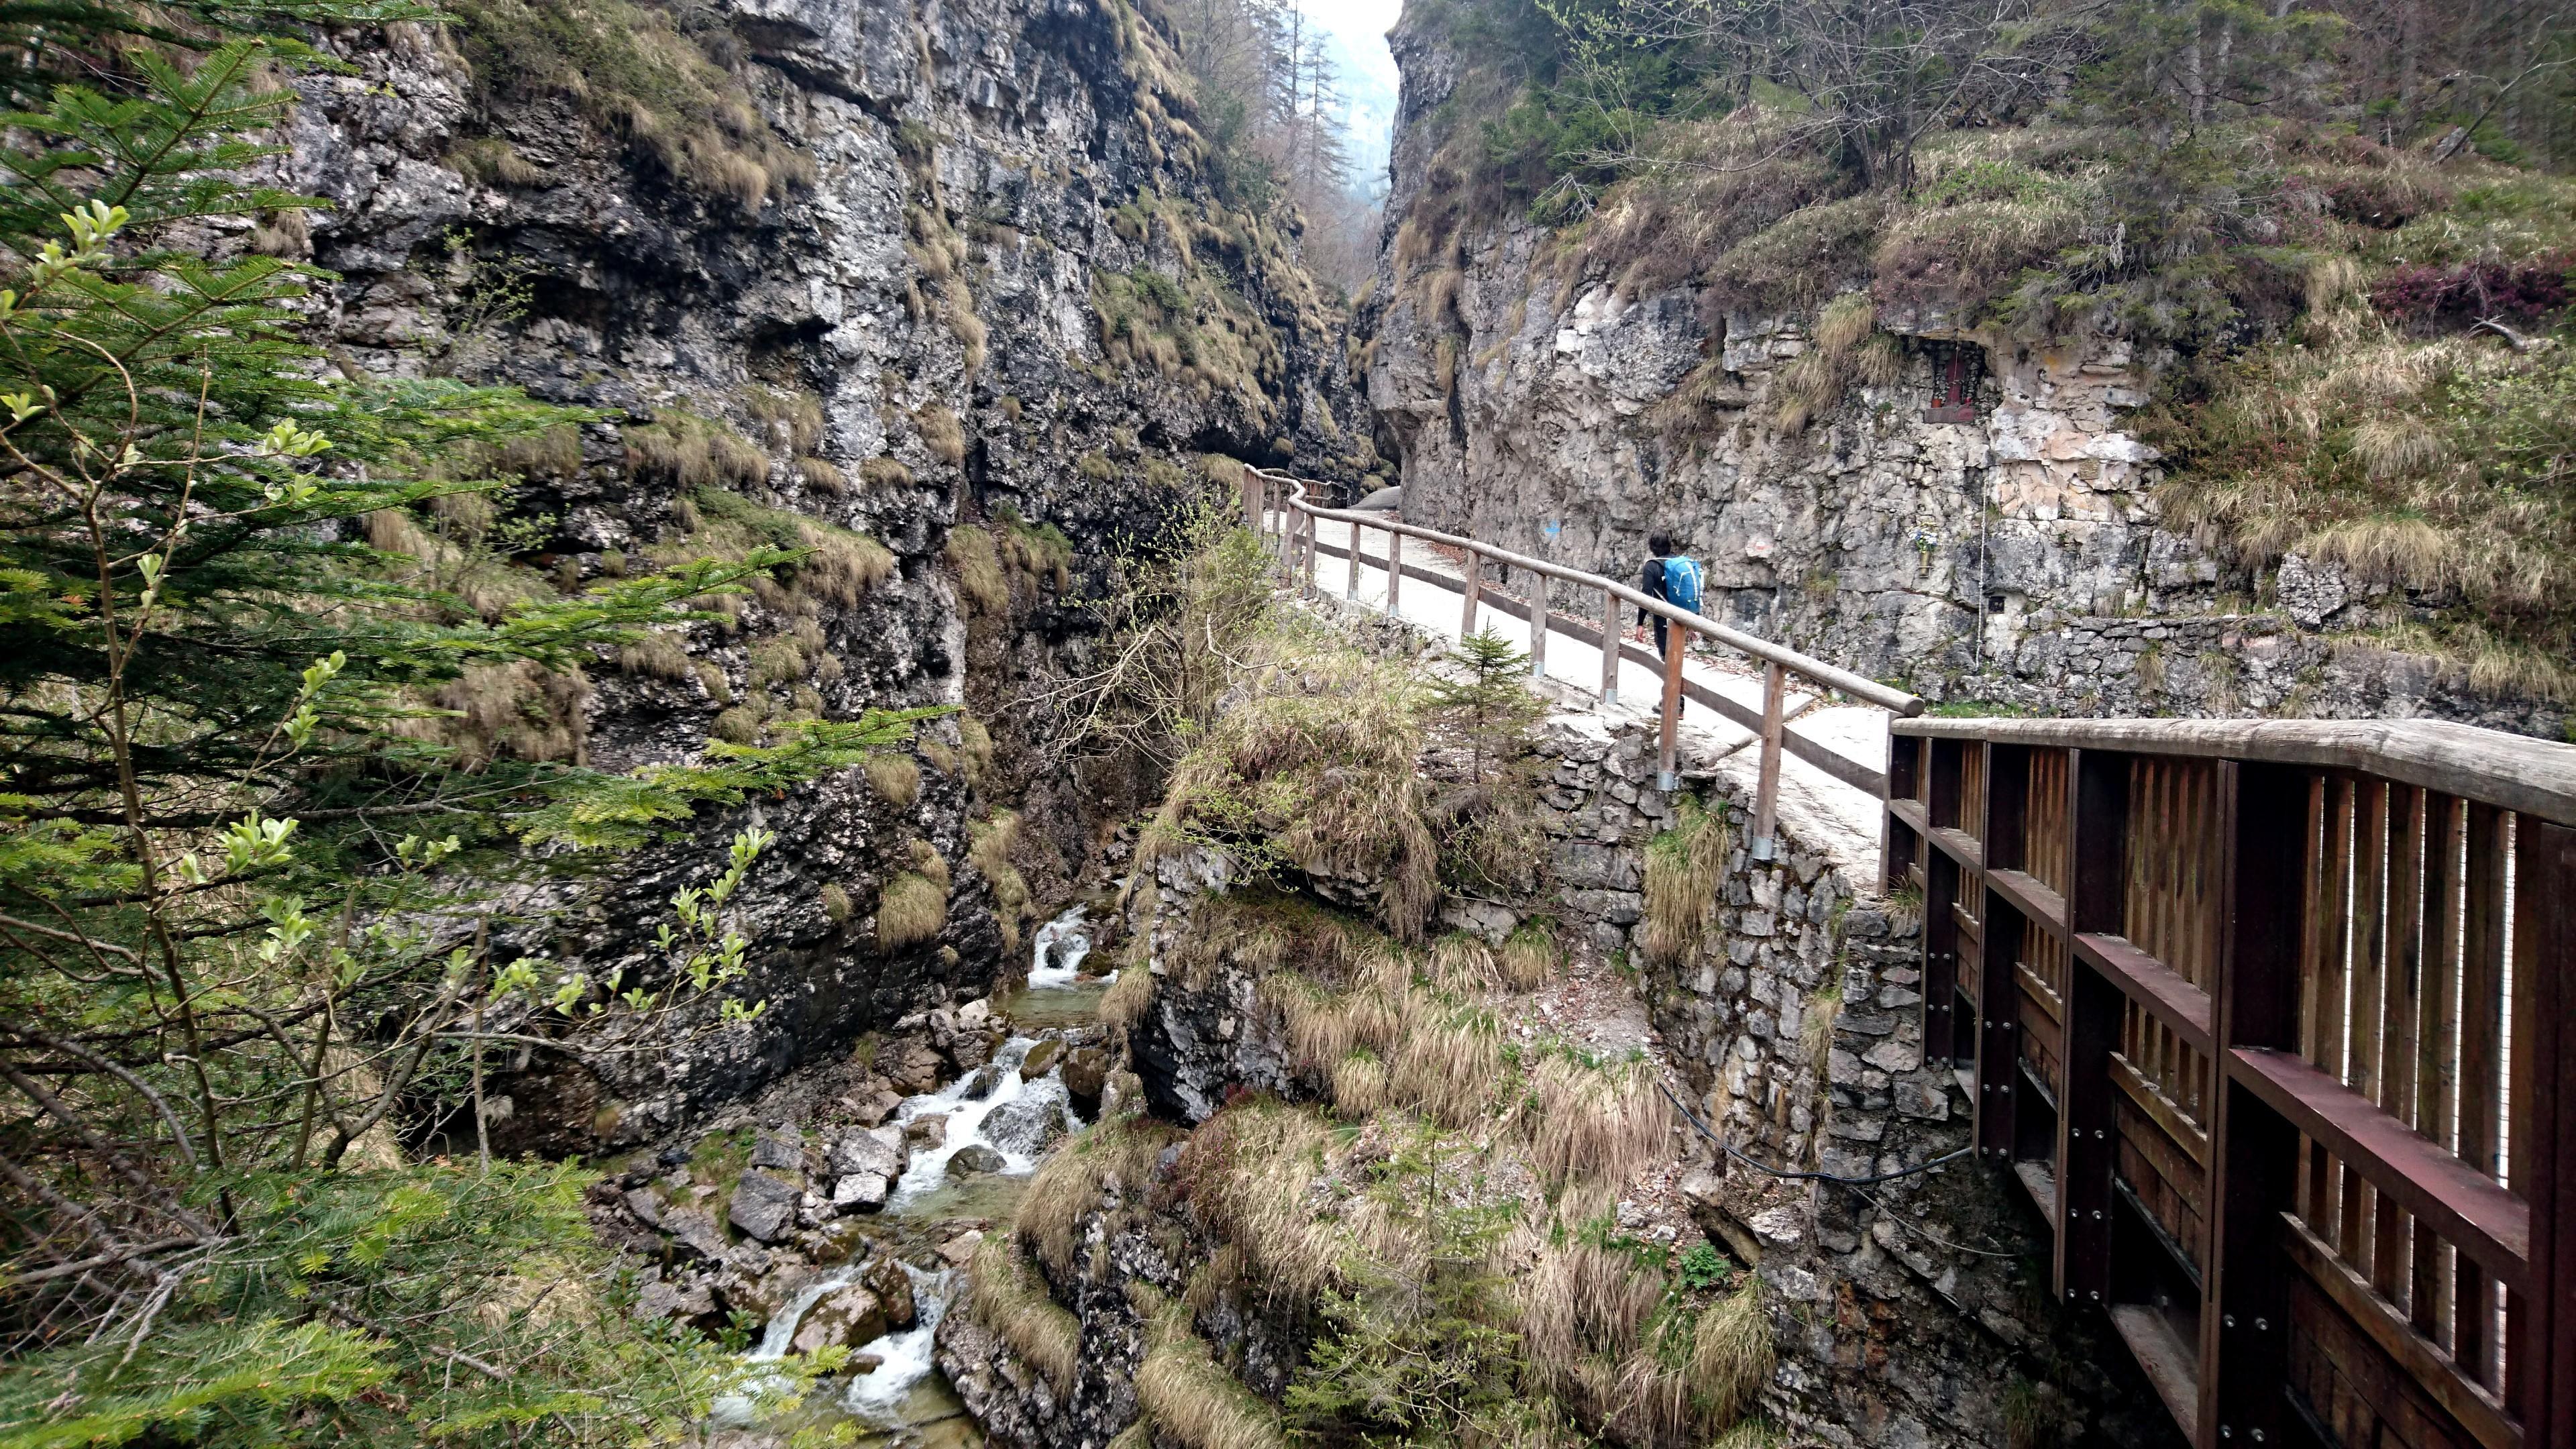 Dopo una parte di sentiero ci si ricongiunge alla strada e si traversa questo stretto canyon molto suggestivo